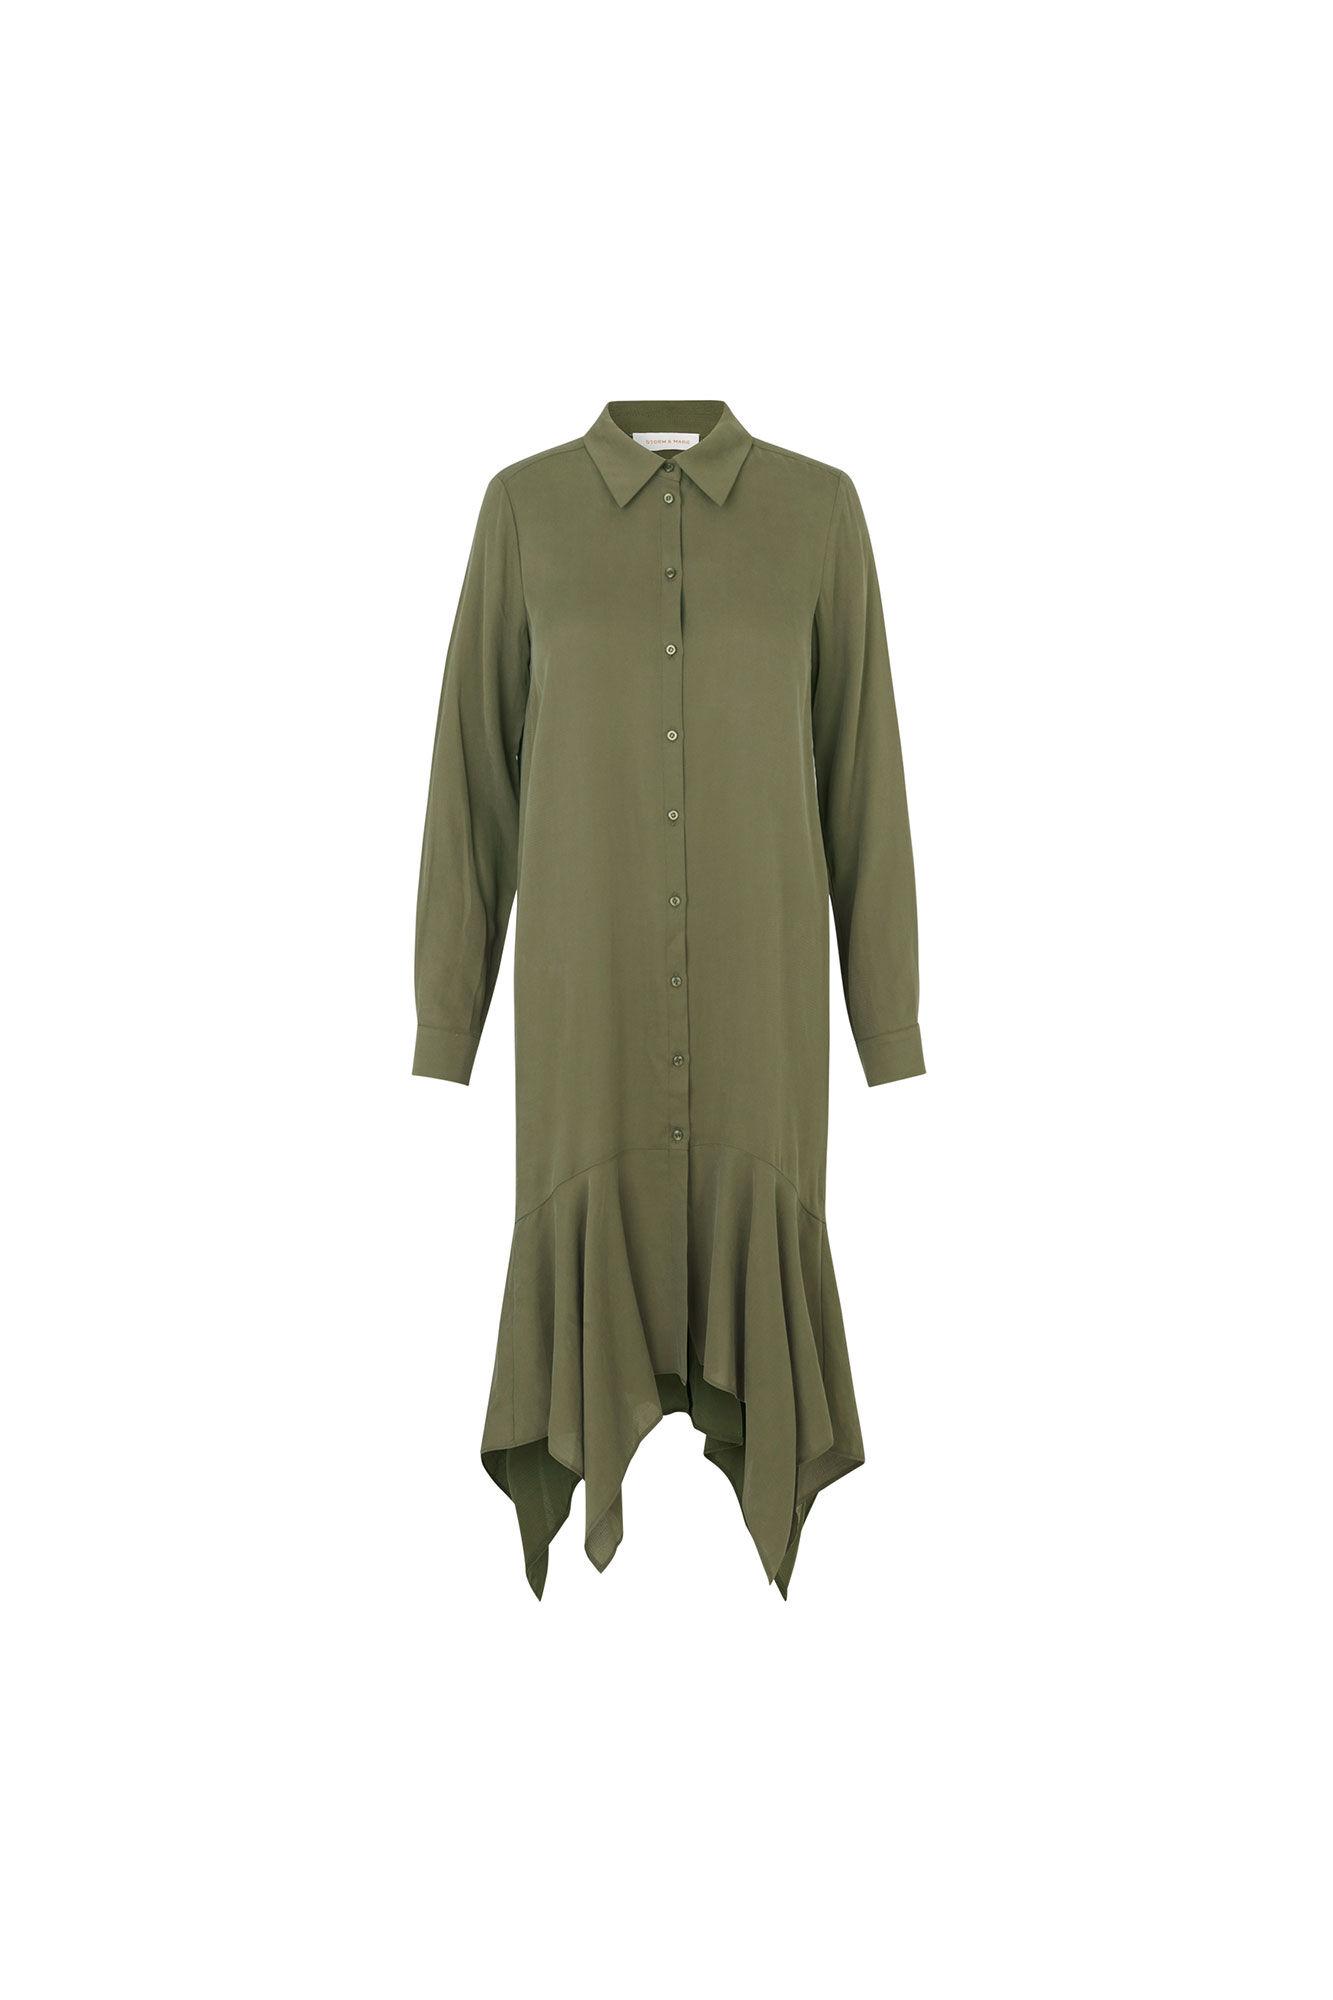 Dianna shirt, IVY GREEN